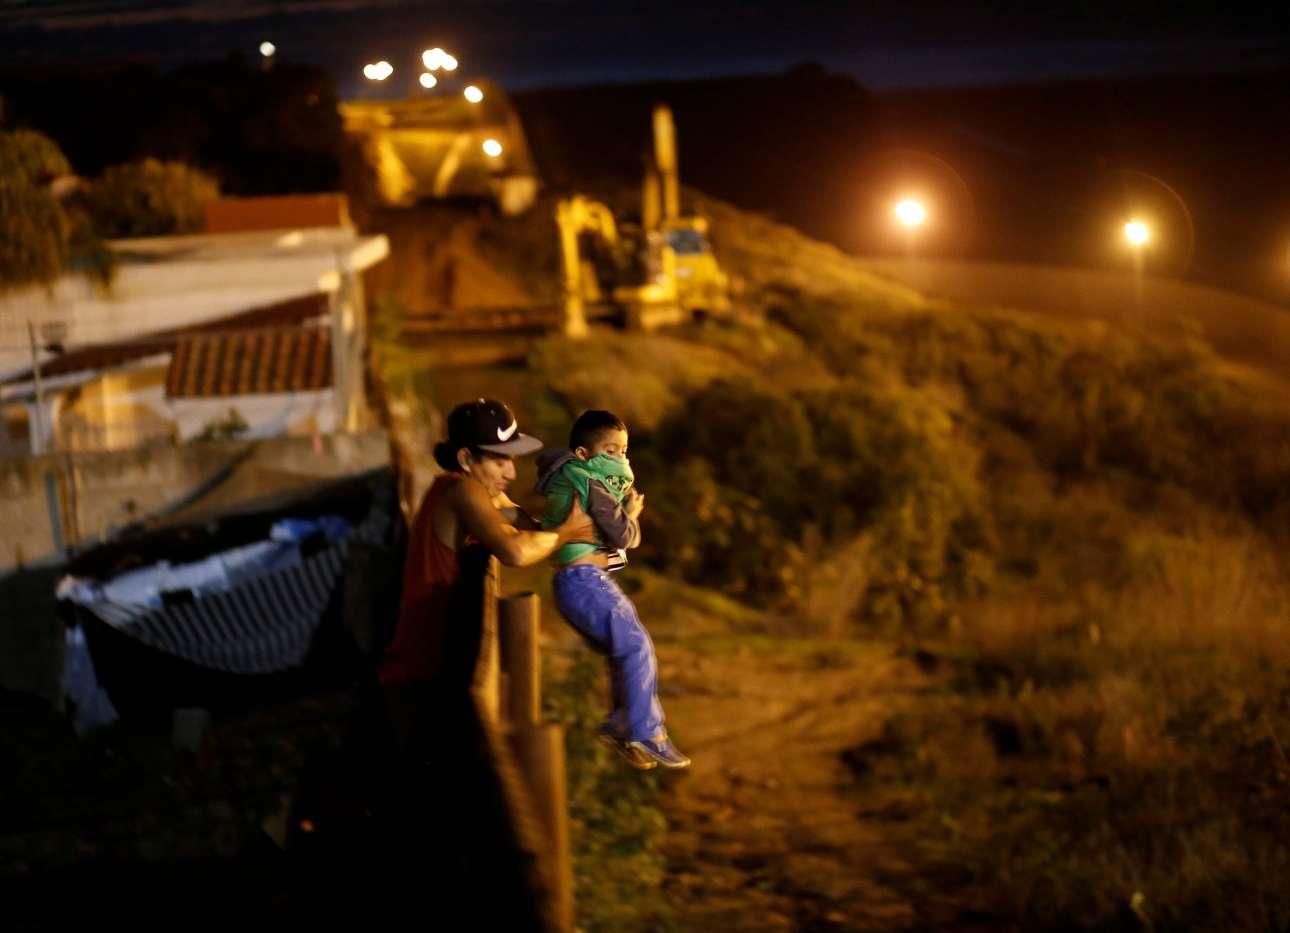 Δευτέρα, 14 Δεκεμβρίου, Μεξικό. Μετανάστης από την Ονδούρα που συμμετέχει στο μεταναστευτικό καραβάνι βοηθά ένα παιδί να περάσει τα σύνορα του Μεξικού με τις ΗΠΑ, στην Τιχουάνα